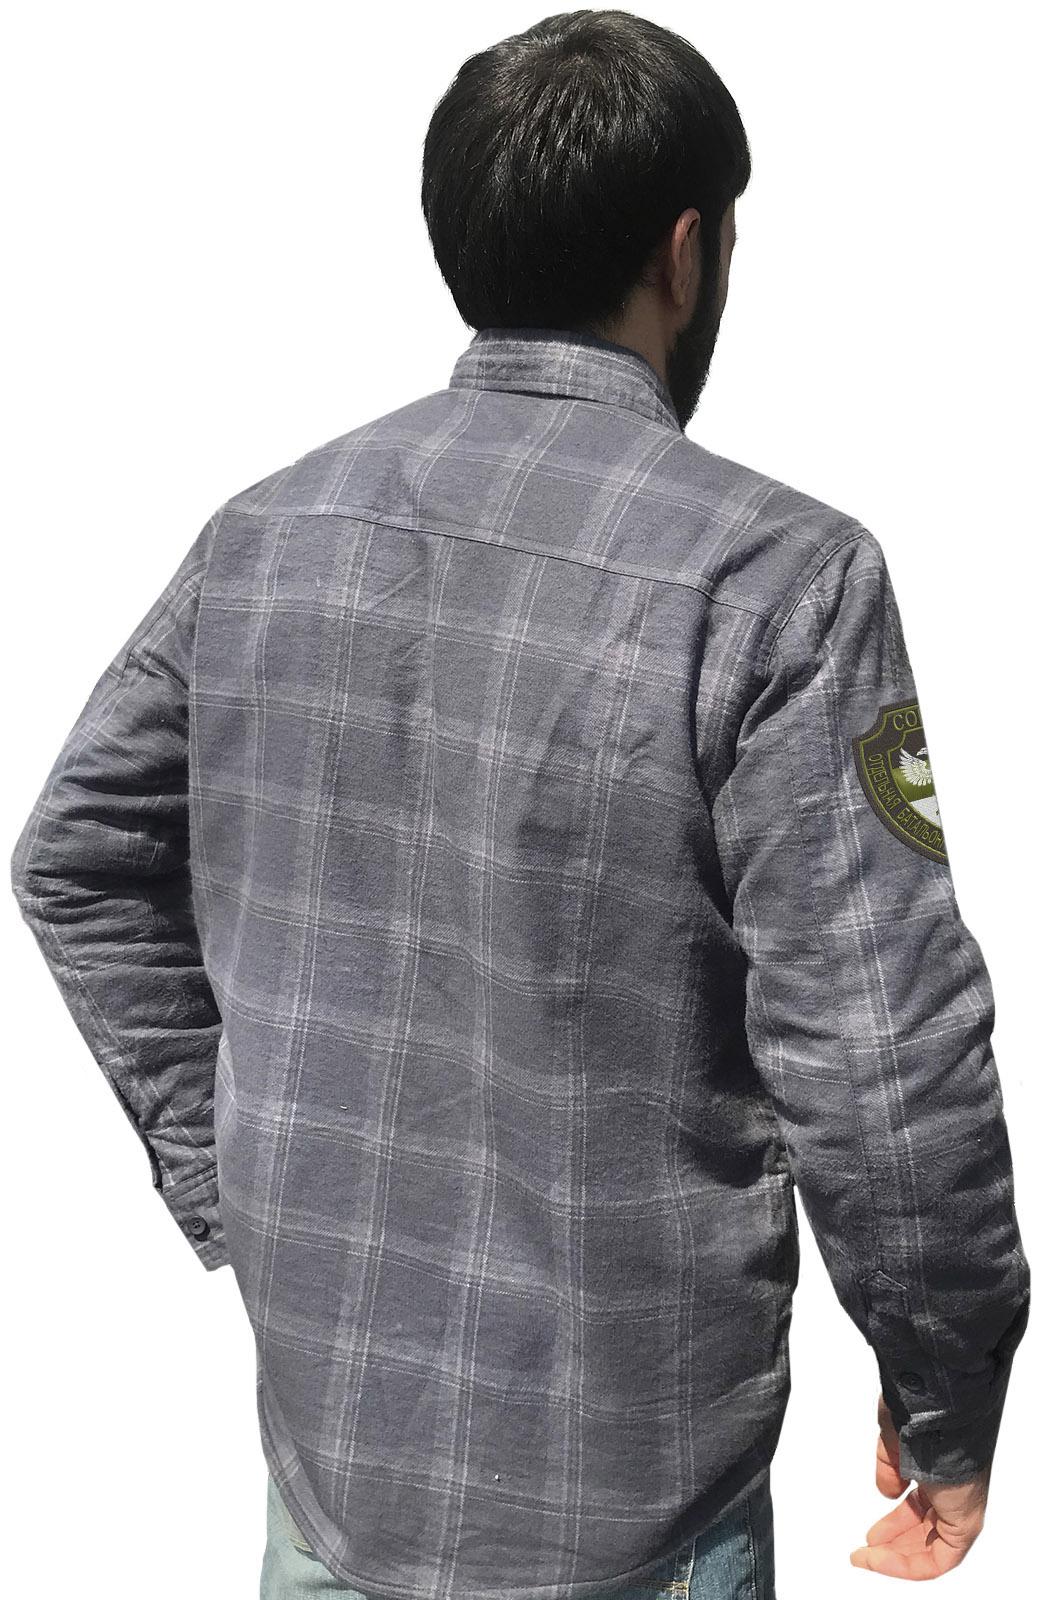 Купить лаконичную рубашку с вышитым шевроном Группа Сомали оптом или в розницу